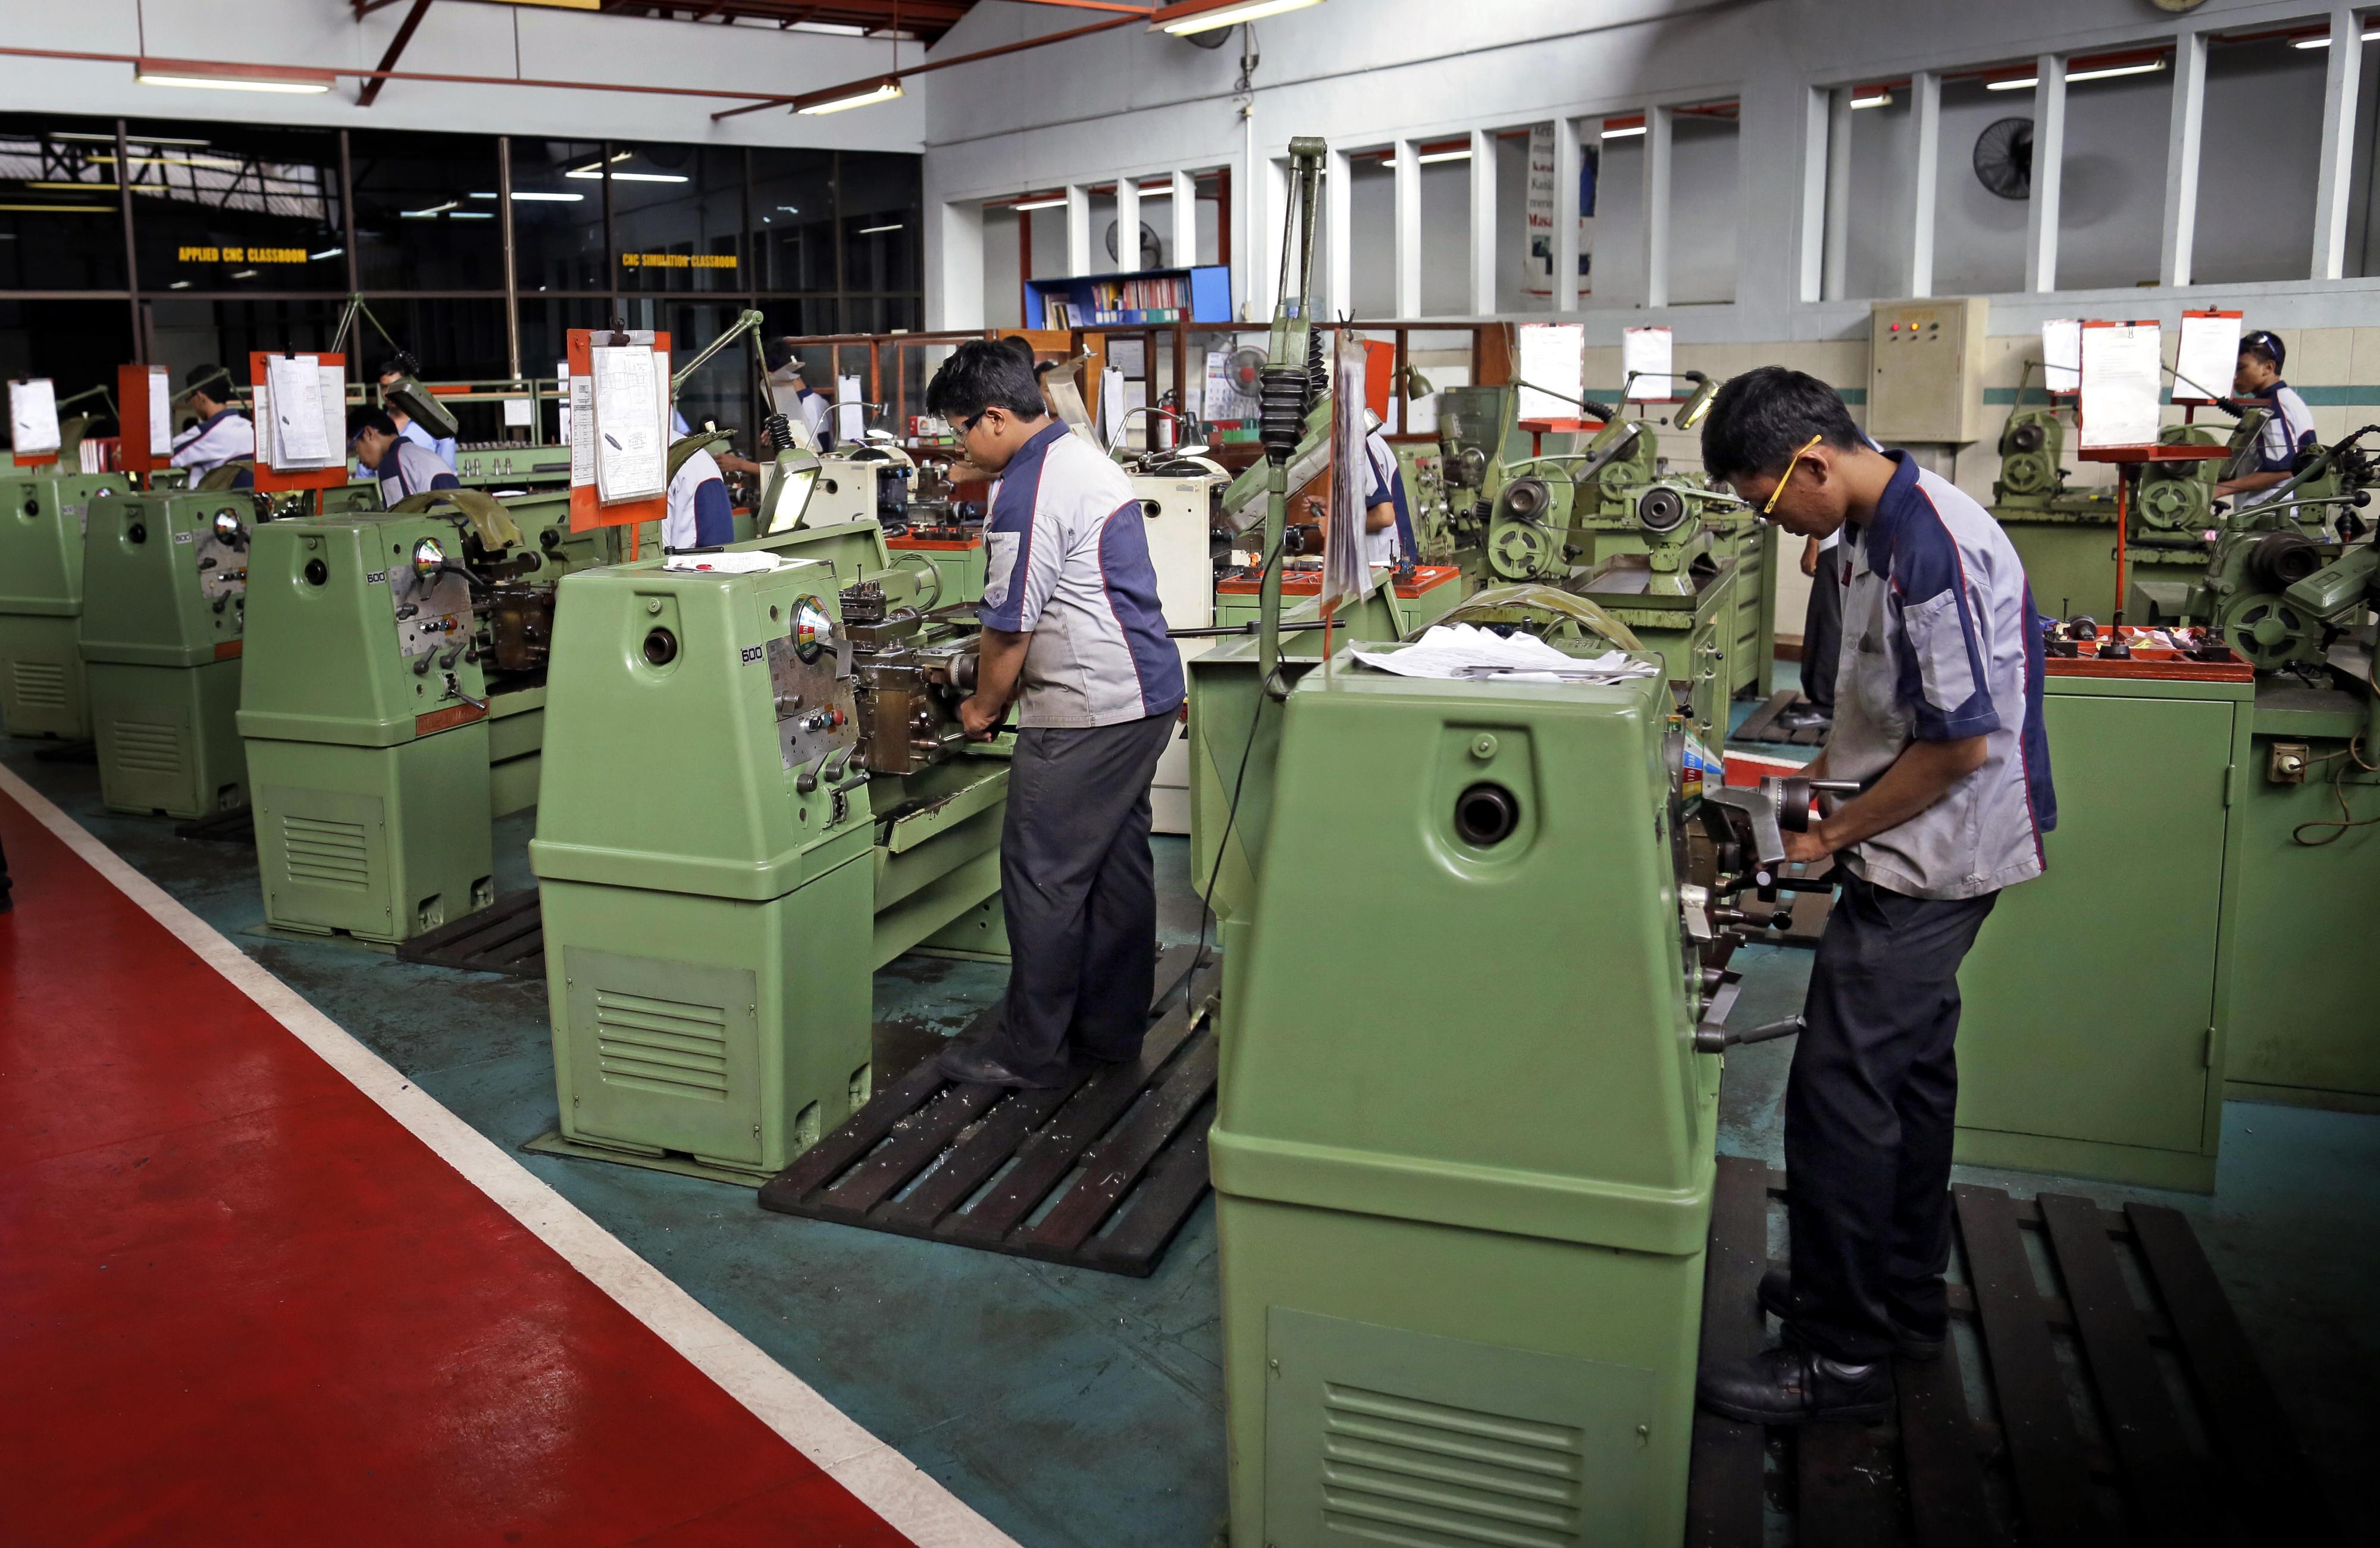 Berufsschule für Industriemechanik ATMI in Solo in Indonesien. Hier werden rund 450 Schüler in verschiedenen Bereichen ausgebildet, wie zum Beispiel Schweißer, Schlosser und Werkzeugmacher.